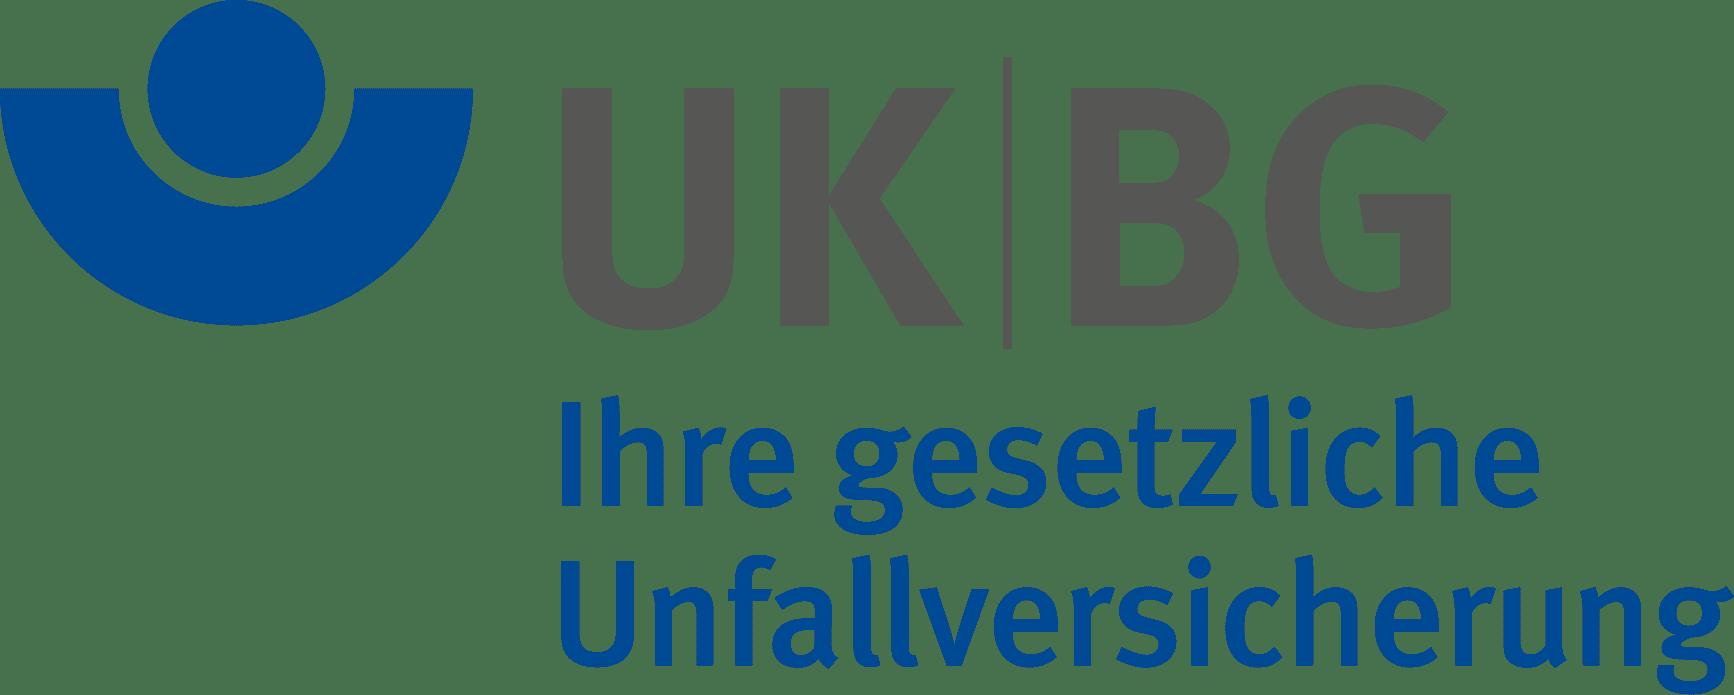 UK BG Logo